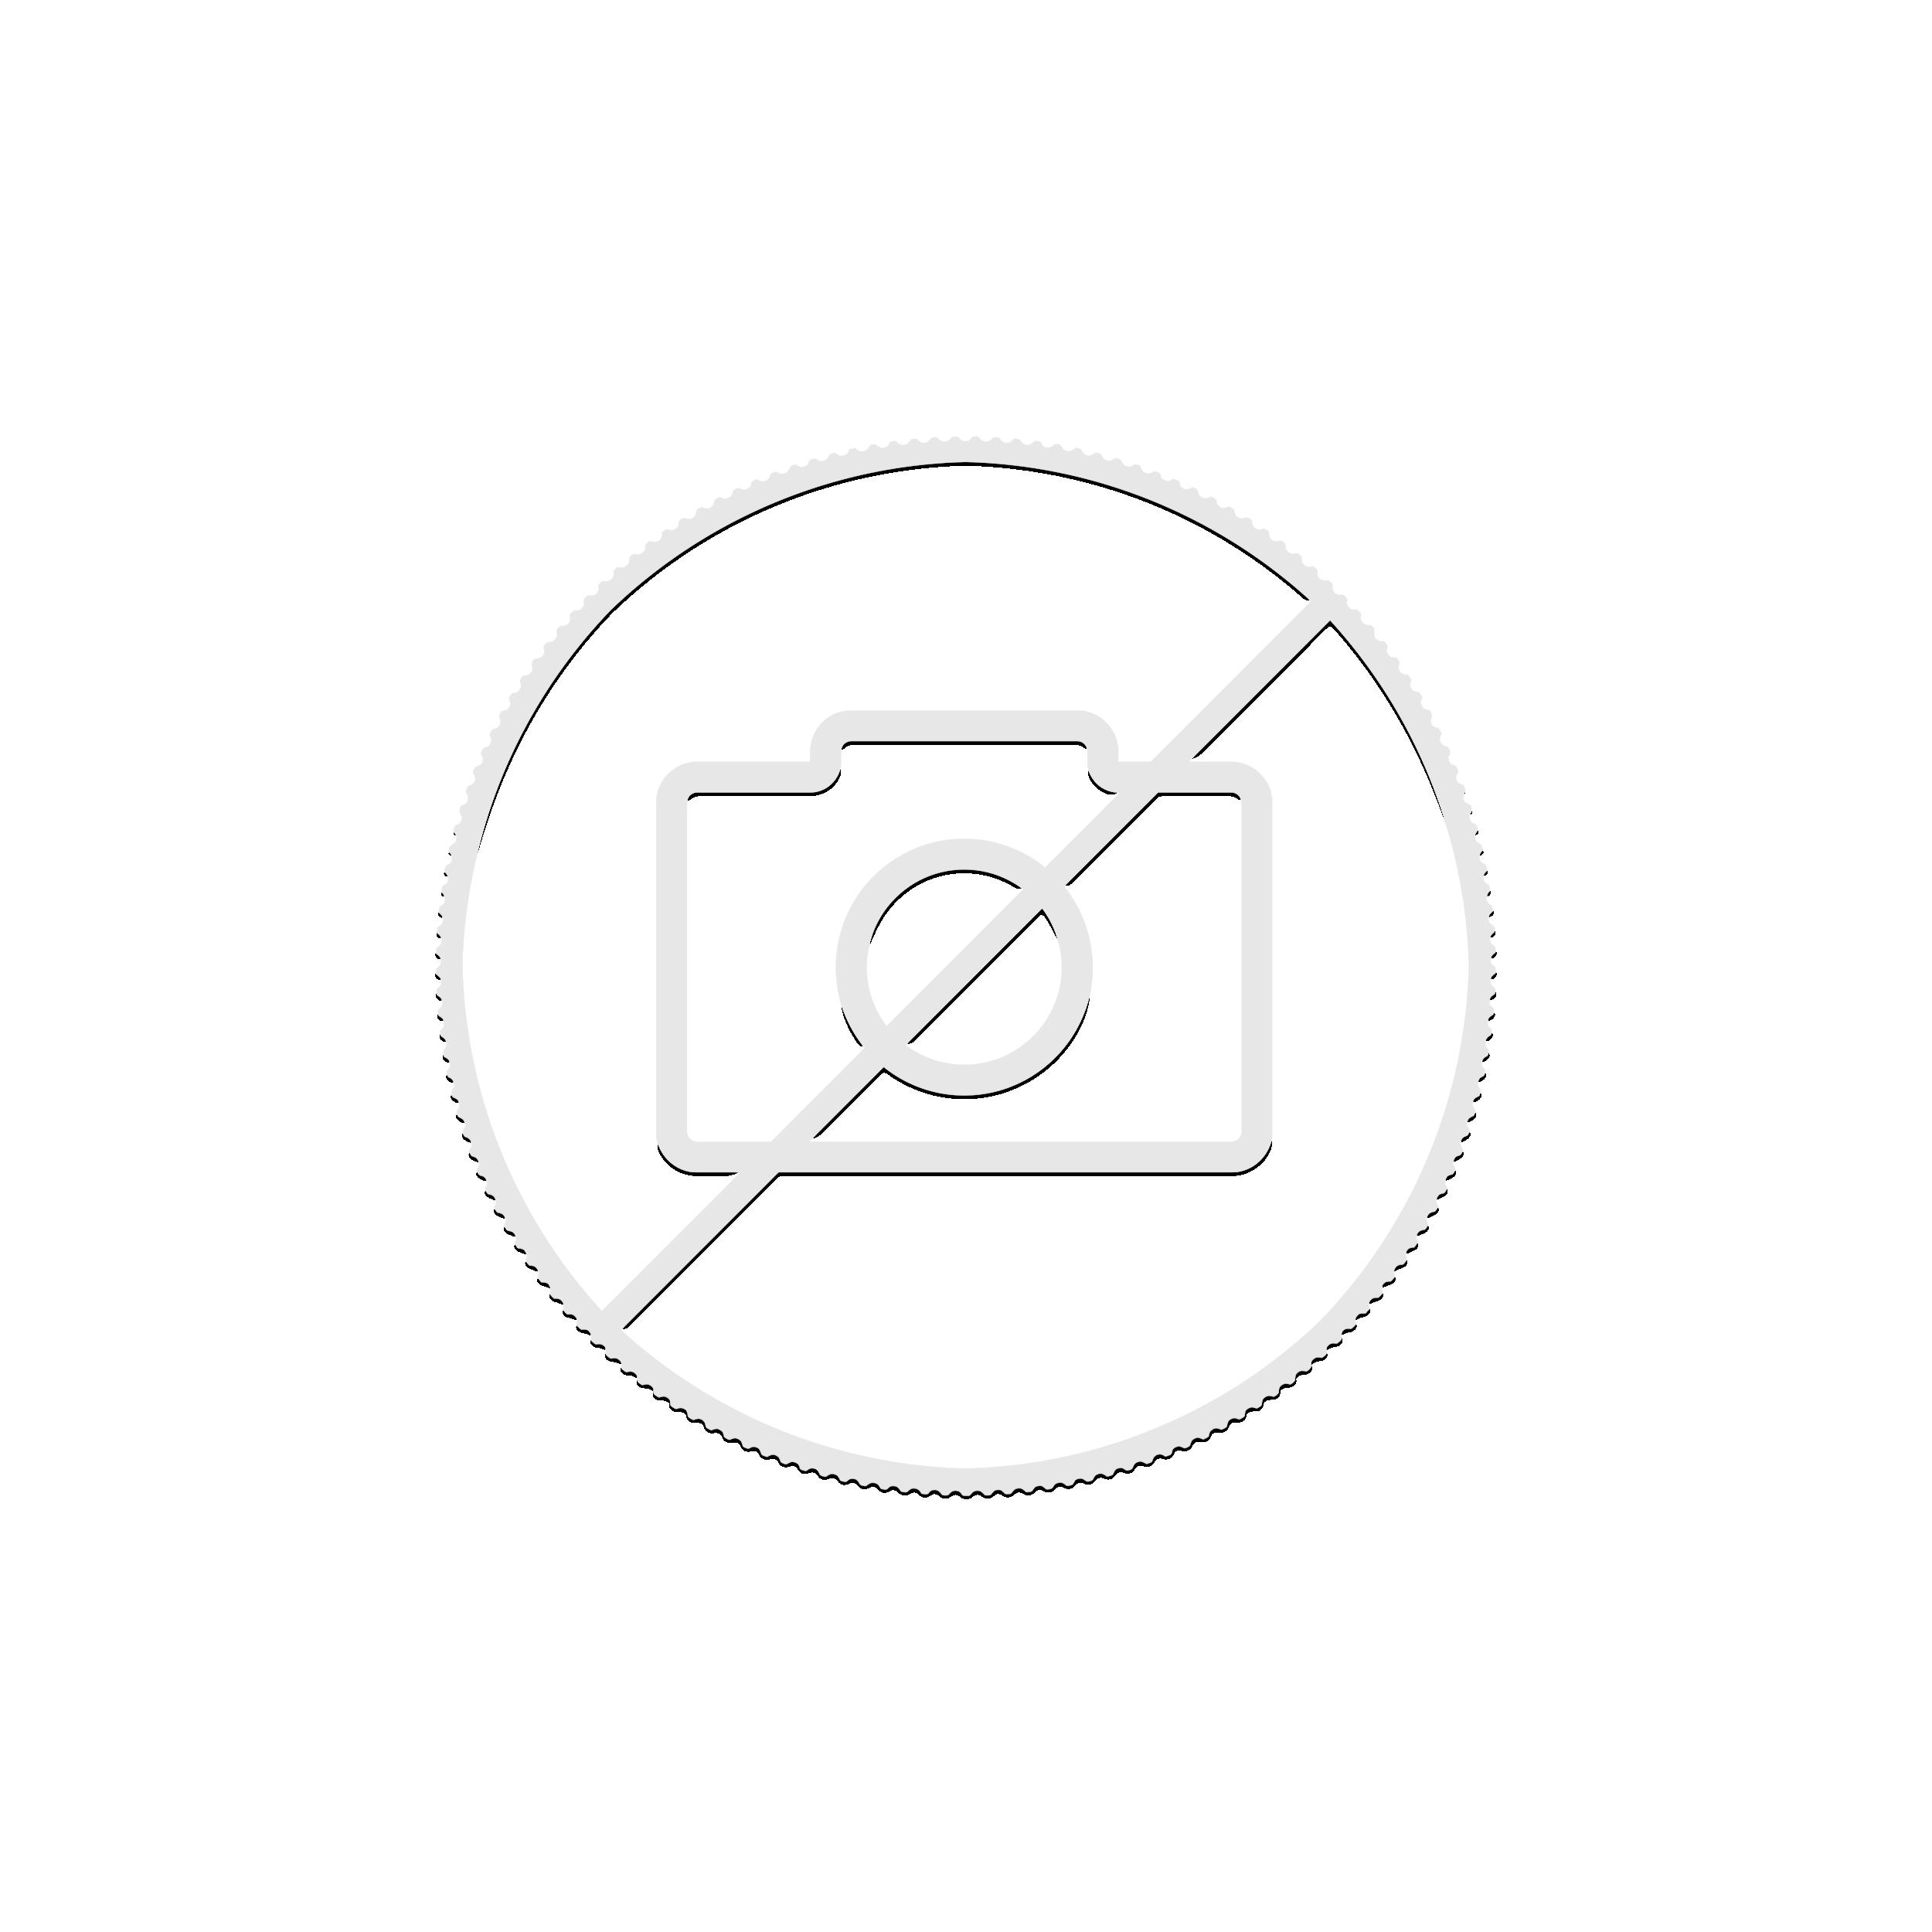 10 Troy ounce silver coin Kookaburra 2018